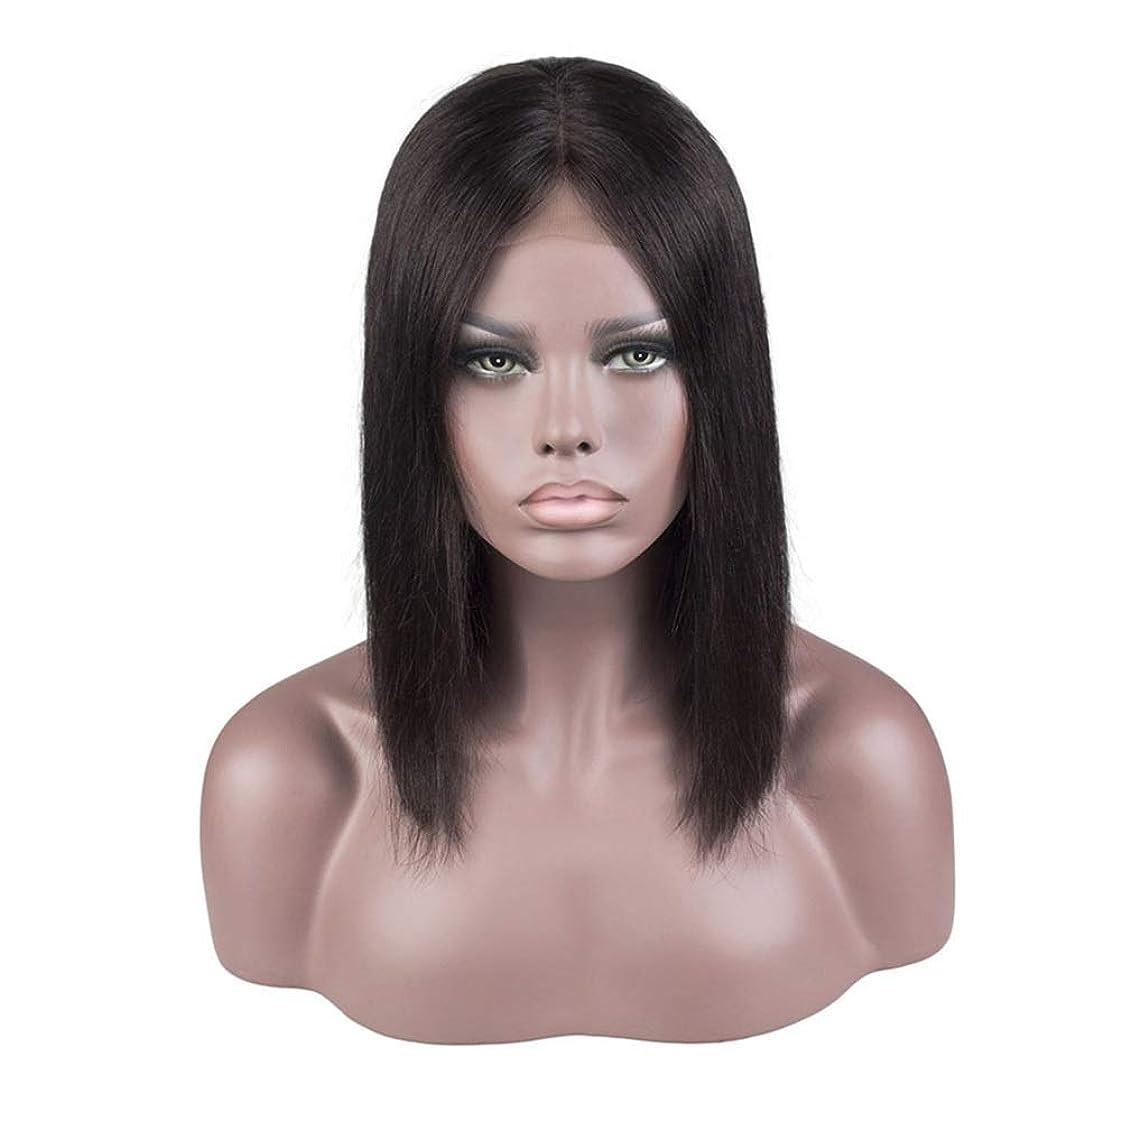 十代ニュージーランド告白YESONEEP 4×4ディープミドルパートボブストレートレース閉鎖ブラジルバージン人間の髪の毛の閉鎖ナチュラルカラーショートウィッグ (Color : ブラック, サイズ : 10 inch)